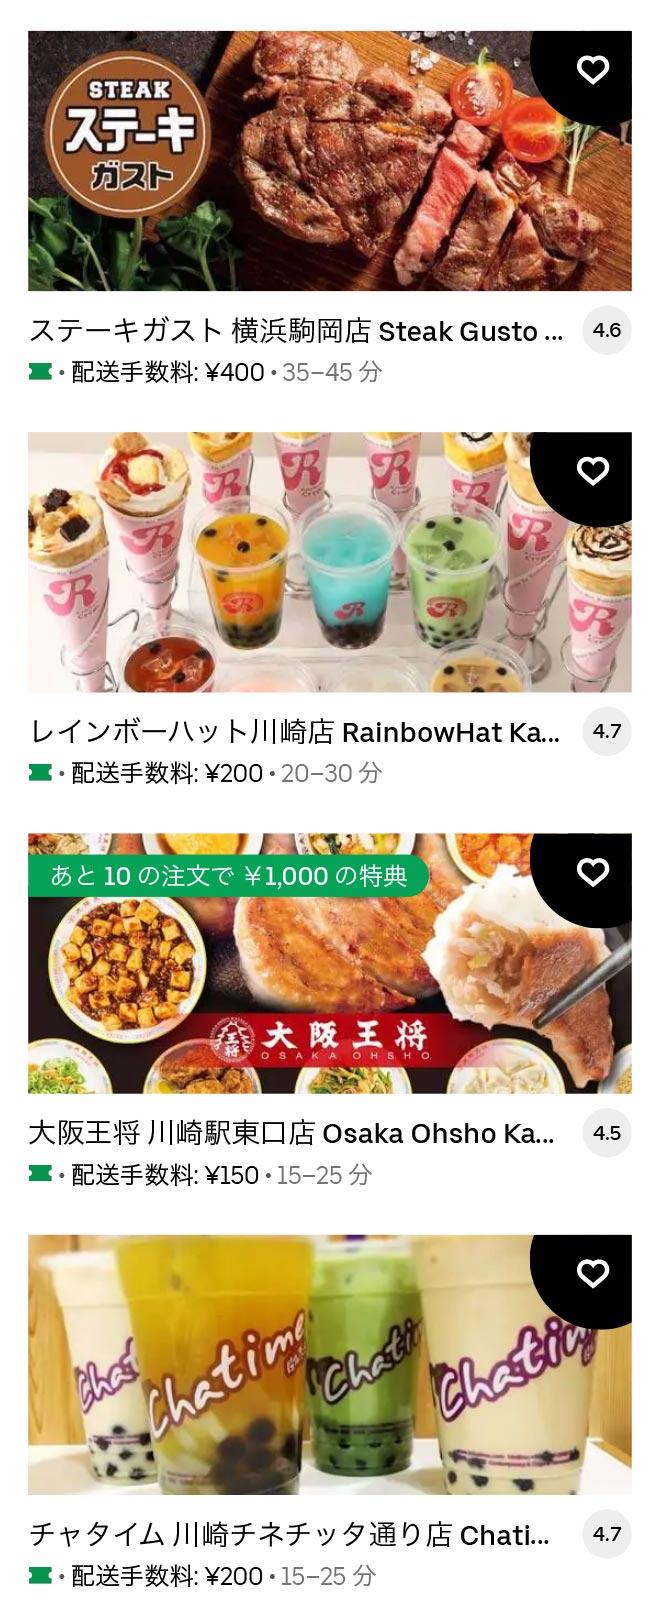 1 u kawasaki 2105 09